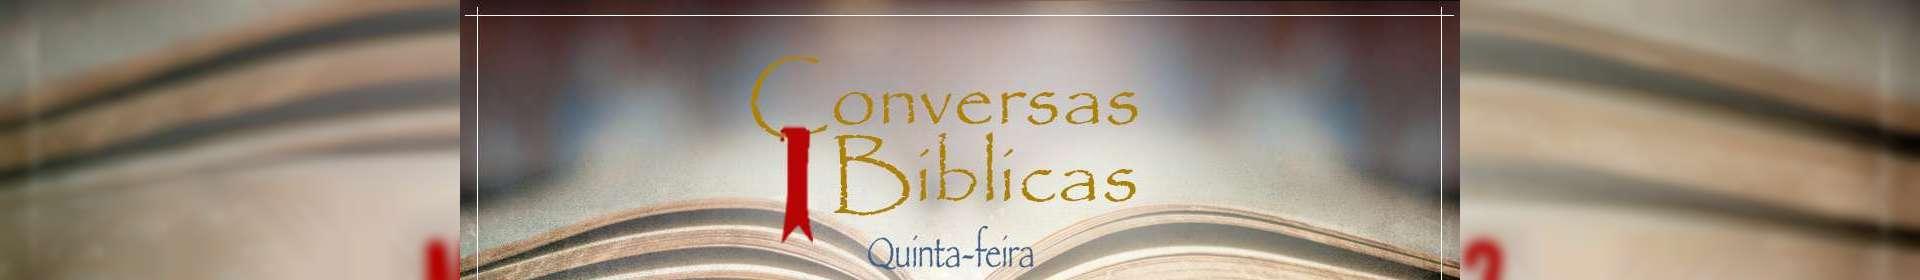 Conversas Bíblicas: Ministério dos anjos - Parte 2